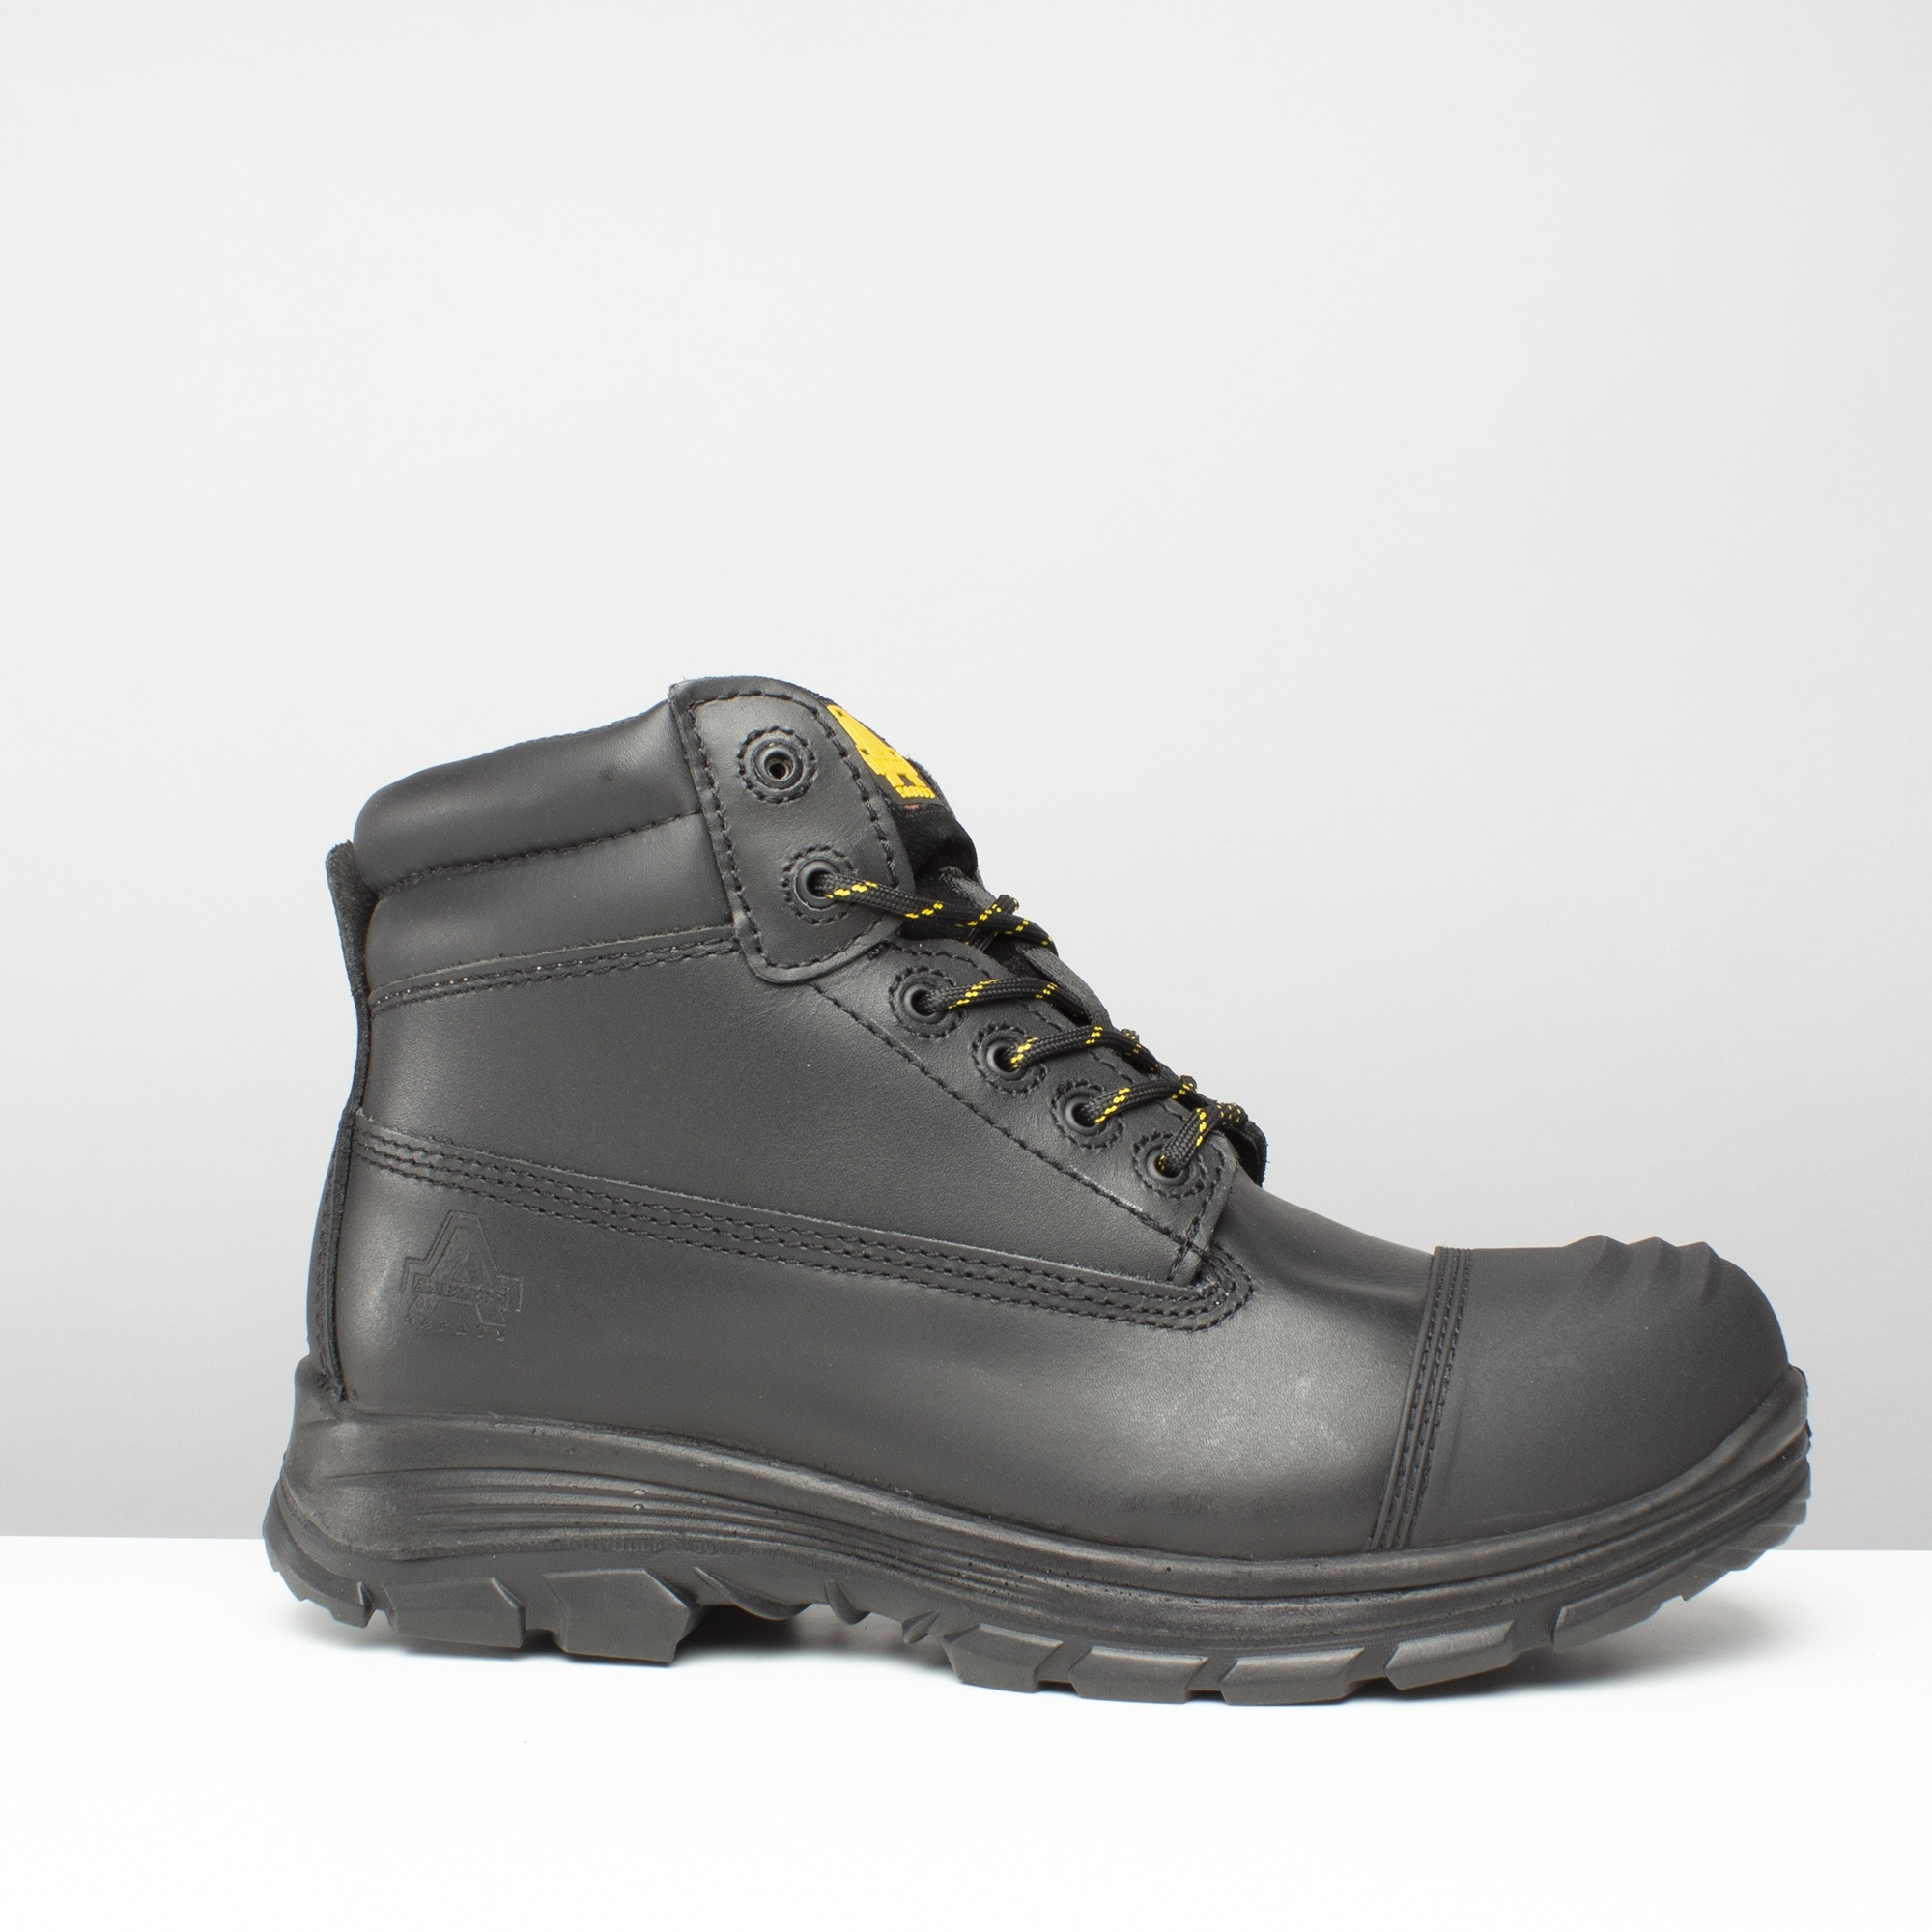 Amblers AS350C Berwyn S3 black metatarsal waterproof composite boot with midsole